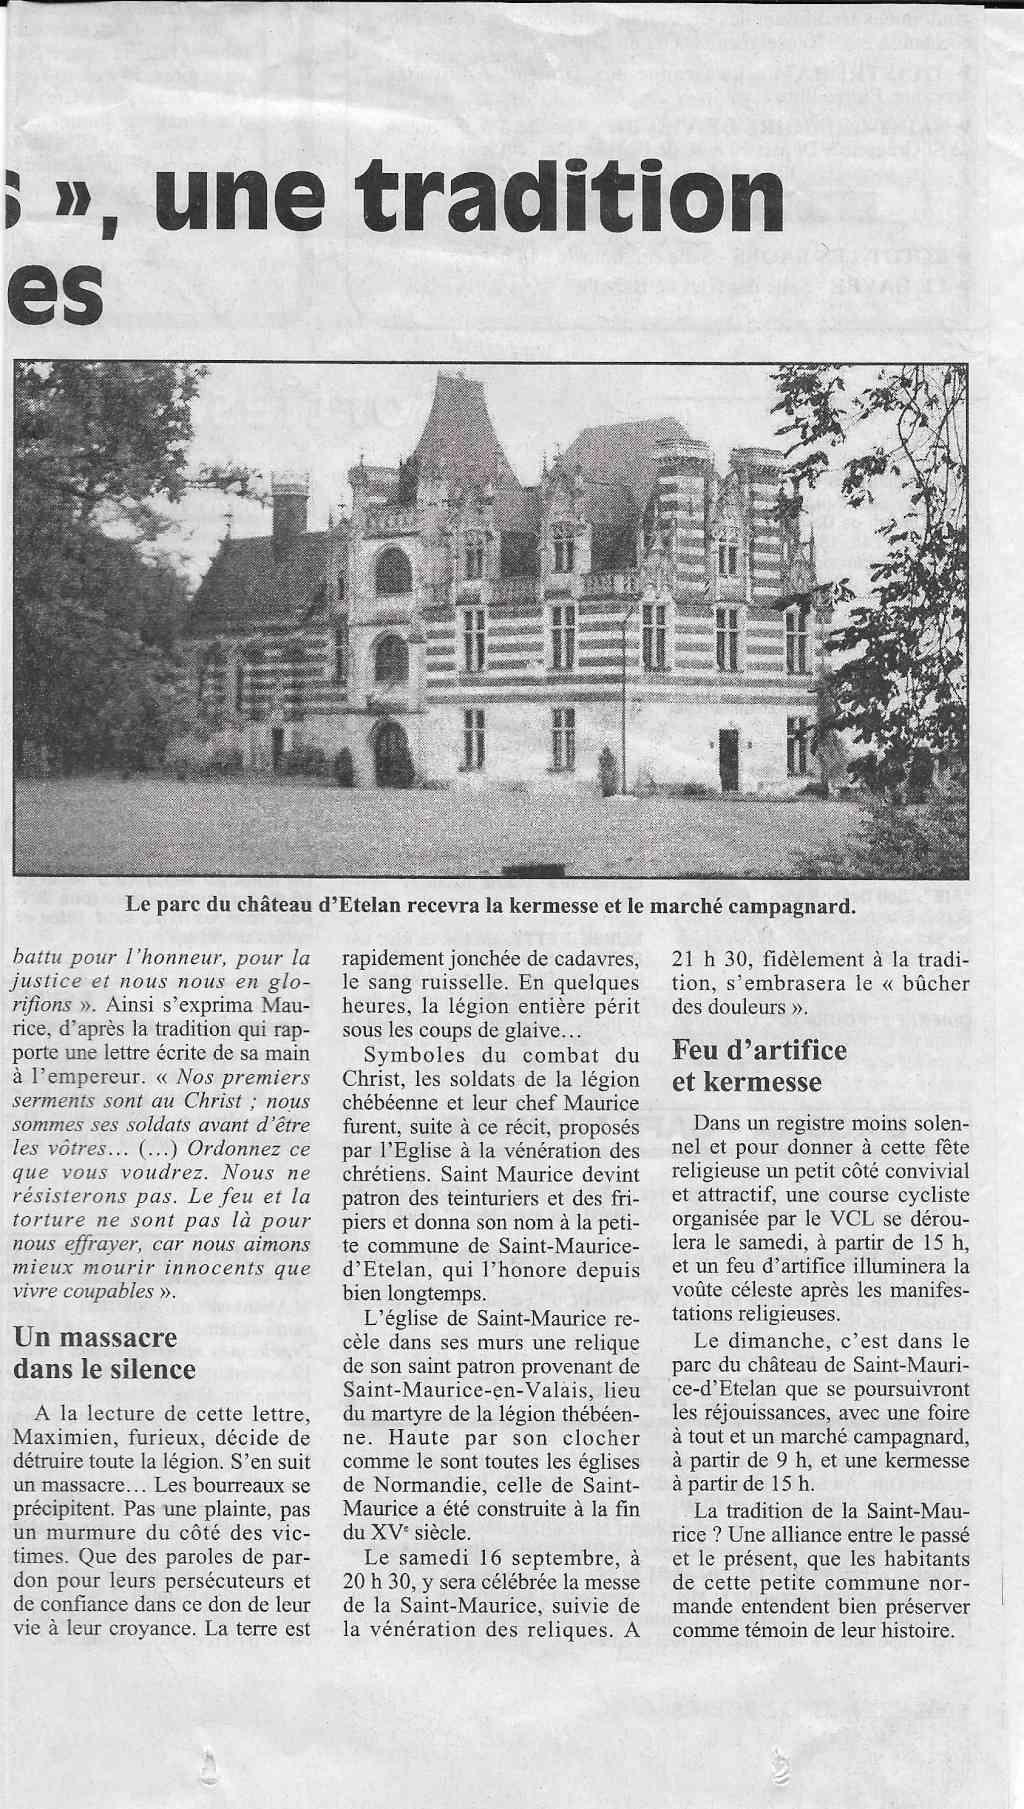 Histoire des communes - Saint-Maurice-d'Etelan 211